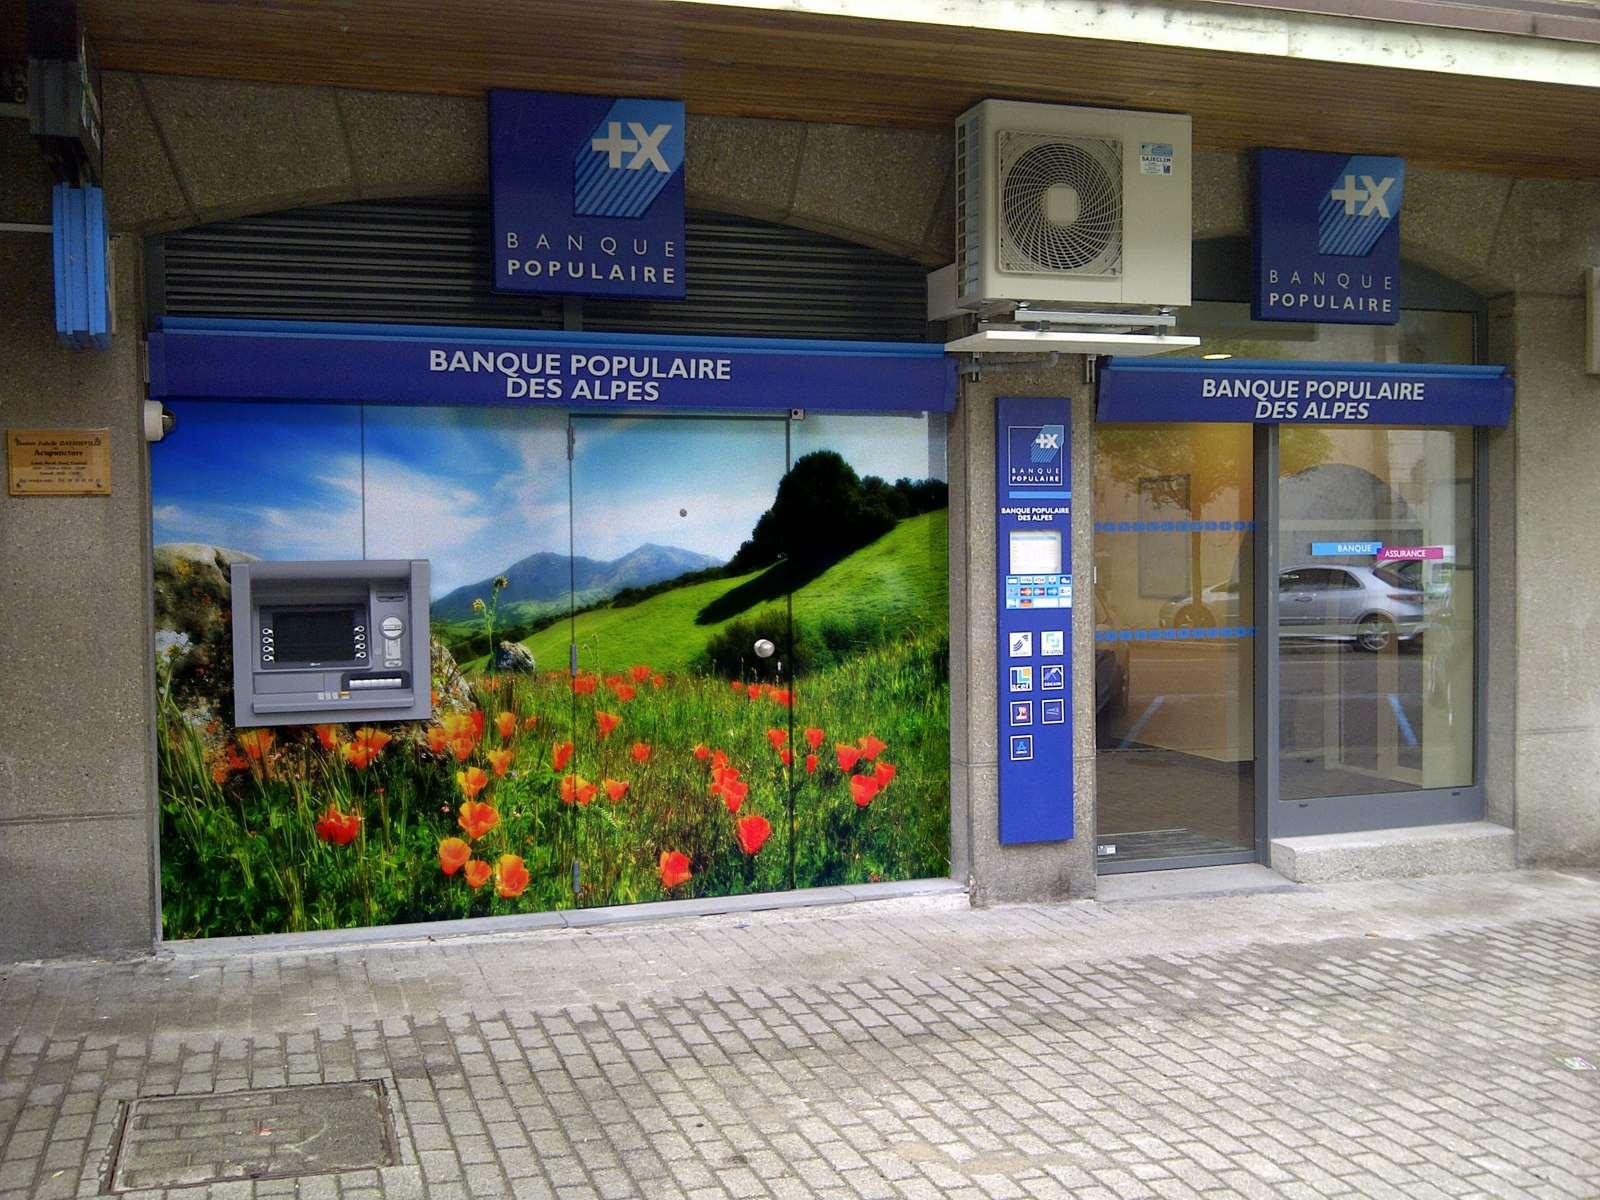 C'est celui-ci qui a été choisi que vous pouvez voir sur la façade de la banque actuellement.